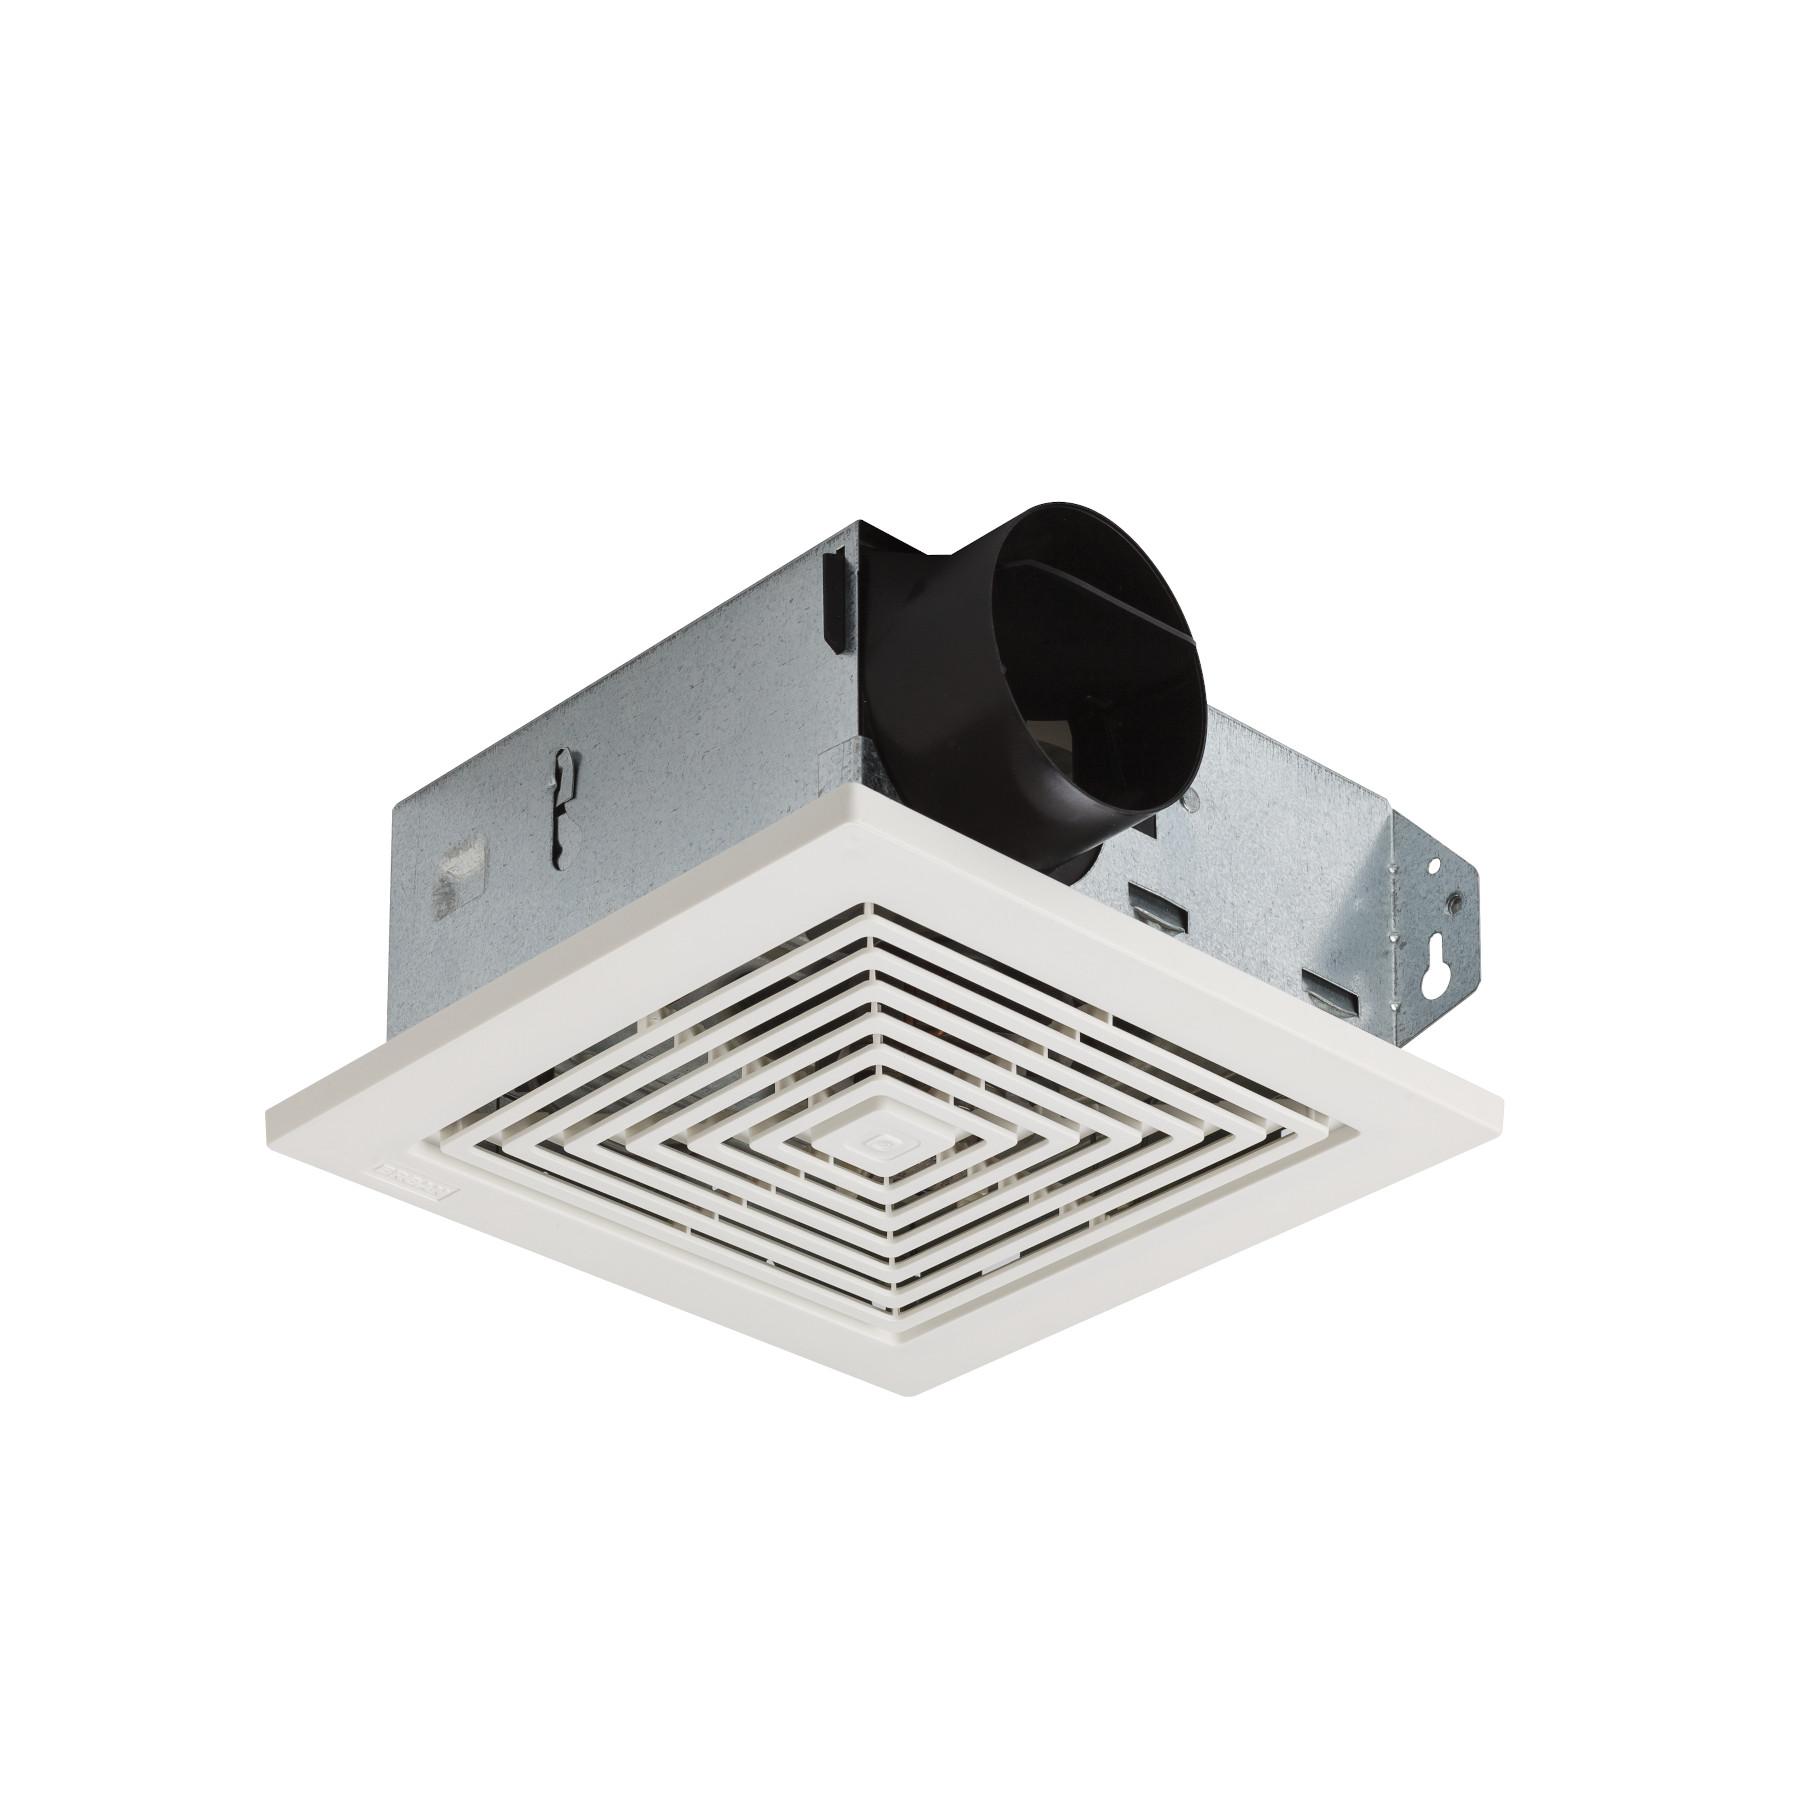 688 Broan 50 Cfm Ventilation Fan